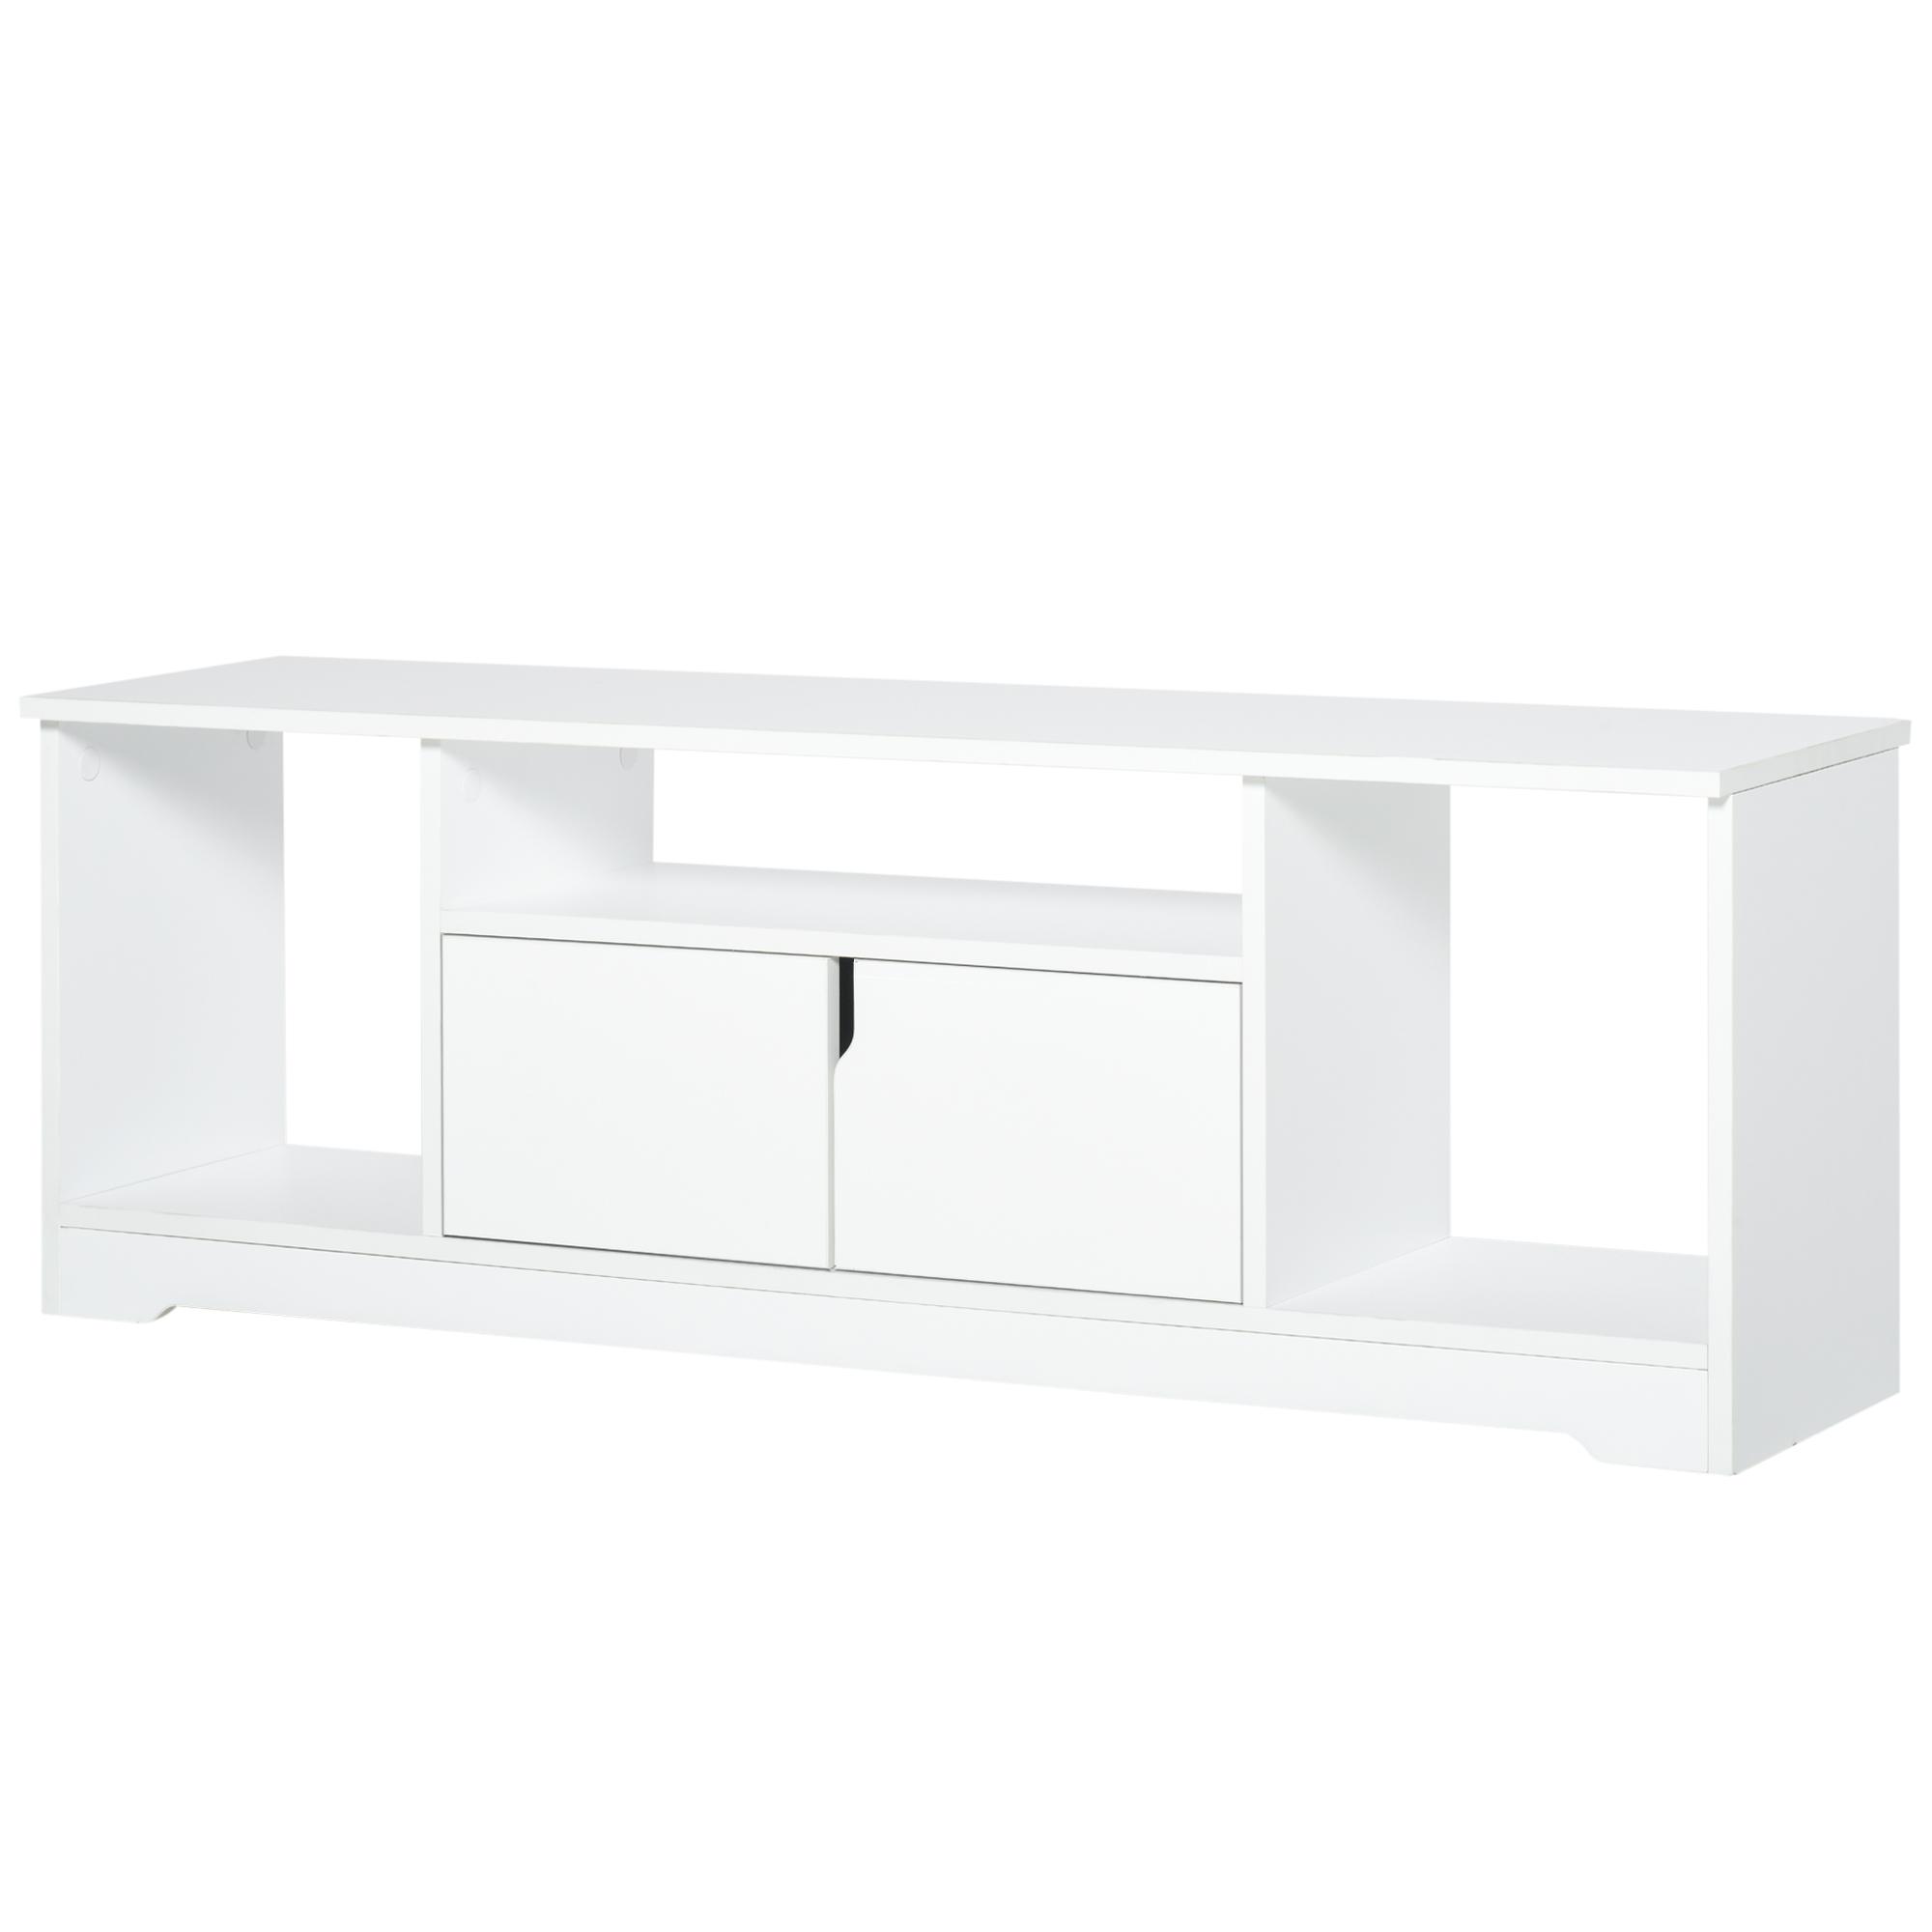 Meuble TV design 3 niches placard 2 portes panneaux particules blanc